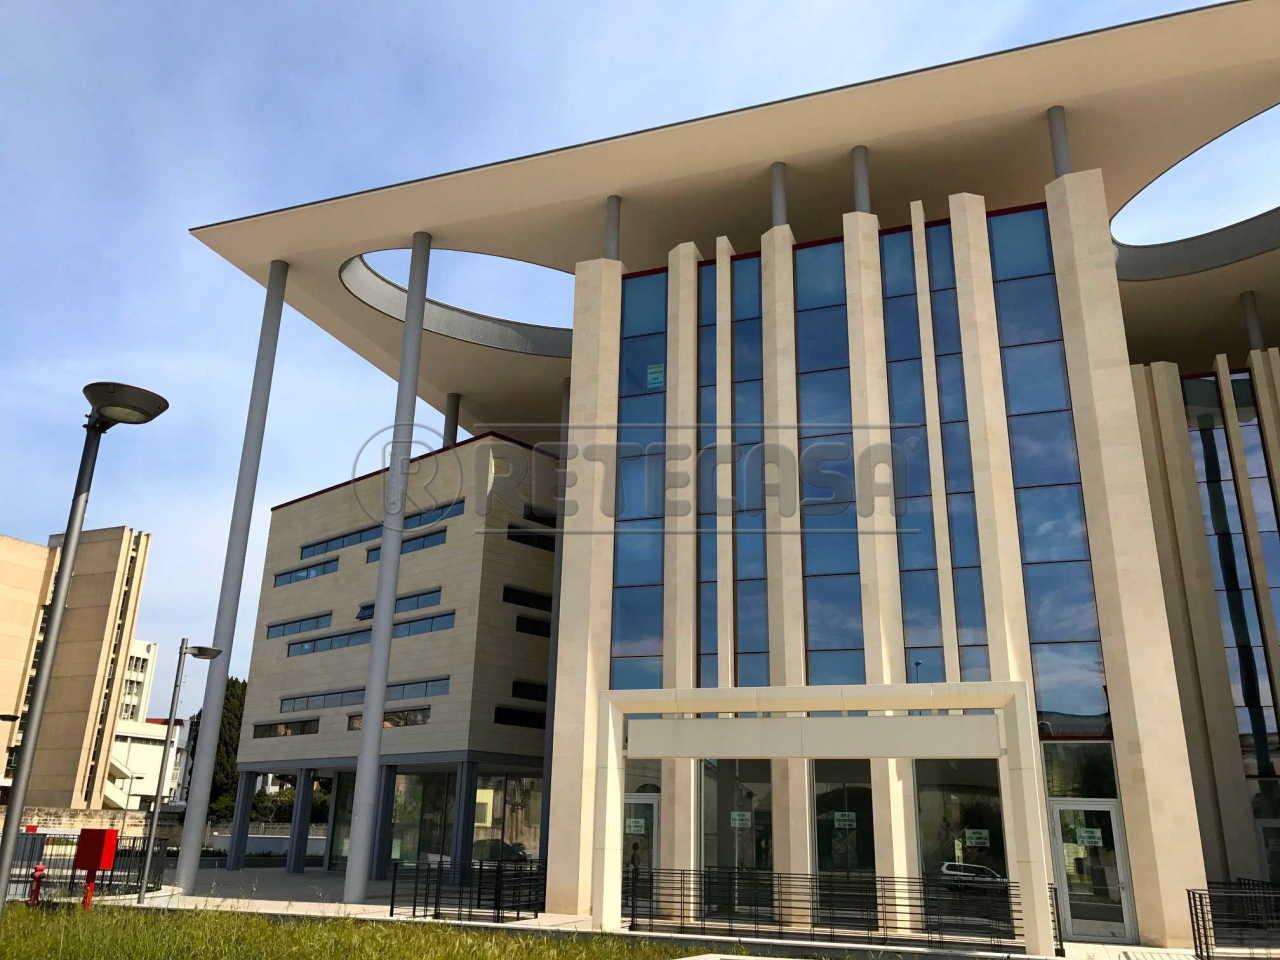 Ufficio diviso in ambienti/locali in affitto - 50 mq